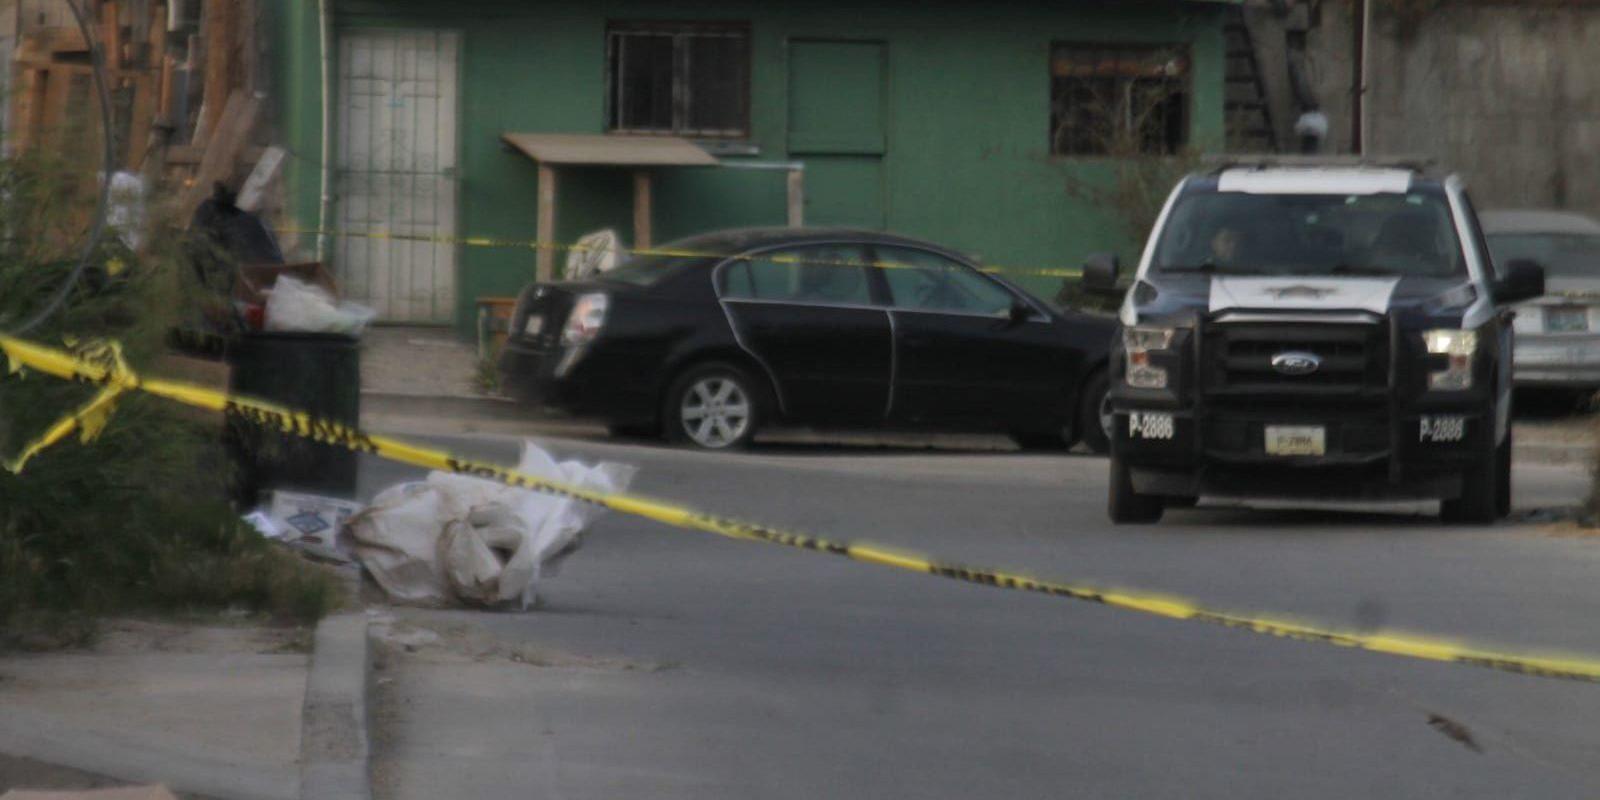 Lo cortaron y lo metieron en bolsas: Dejan cuerpo frente a iglesia